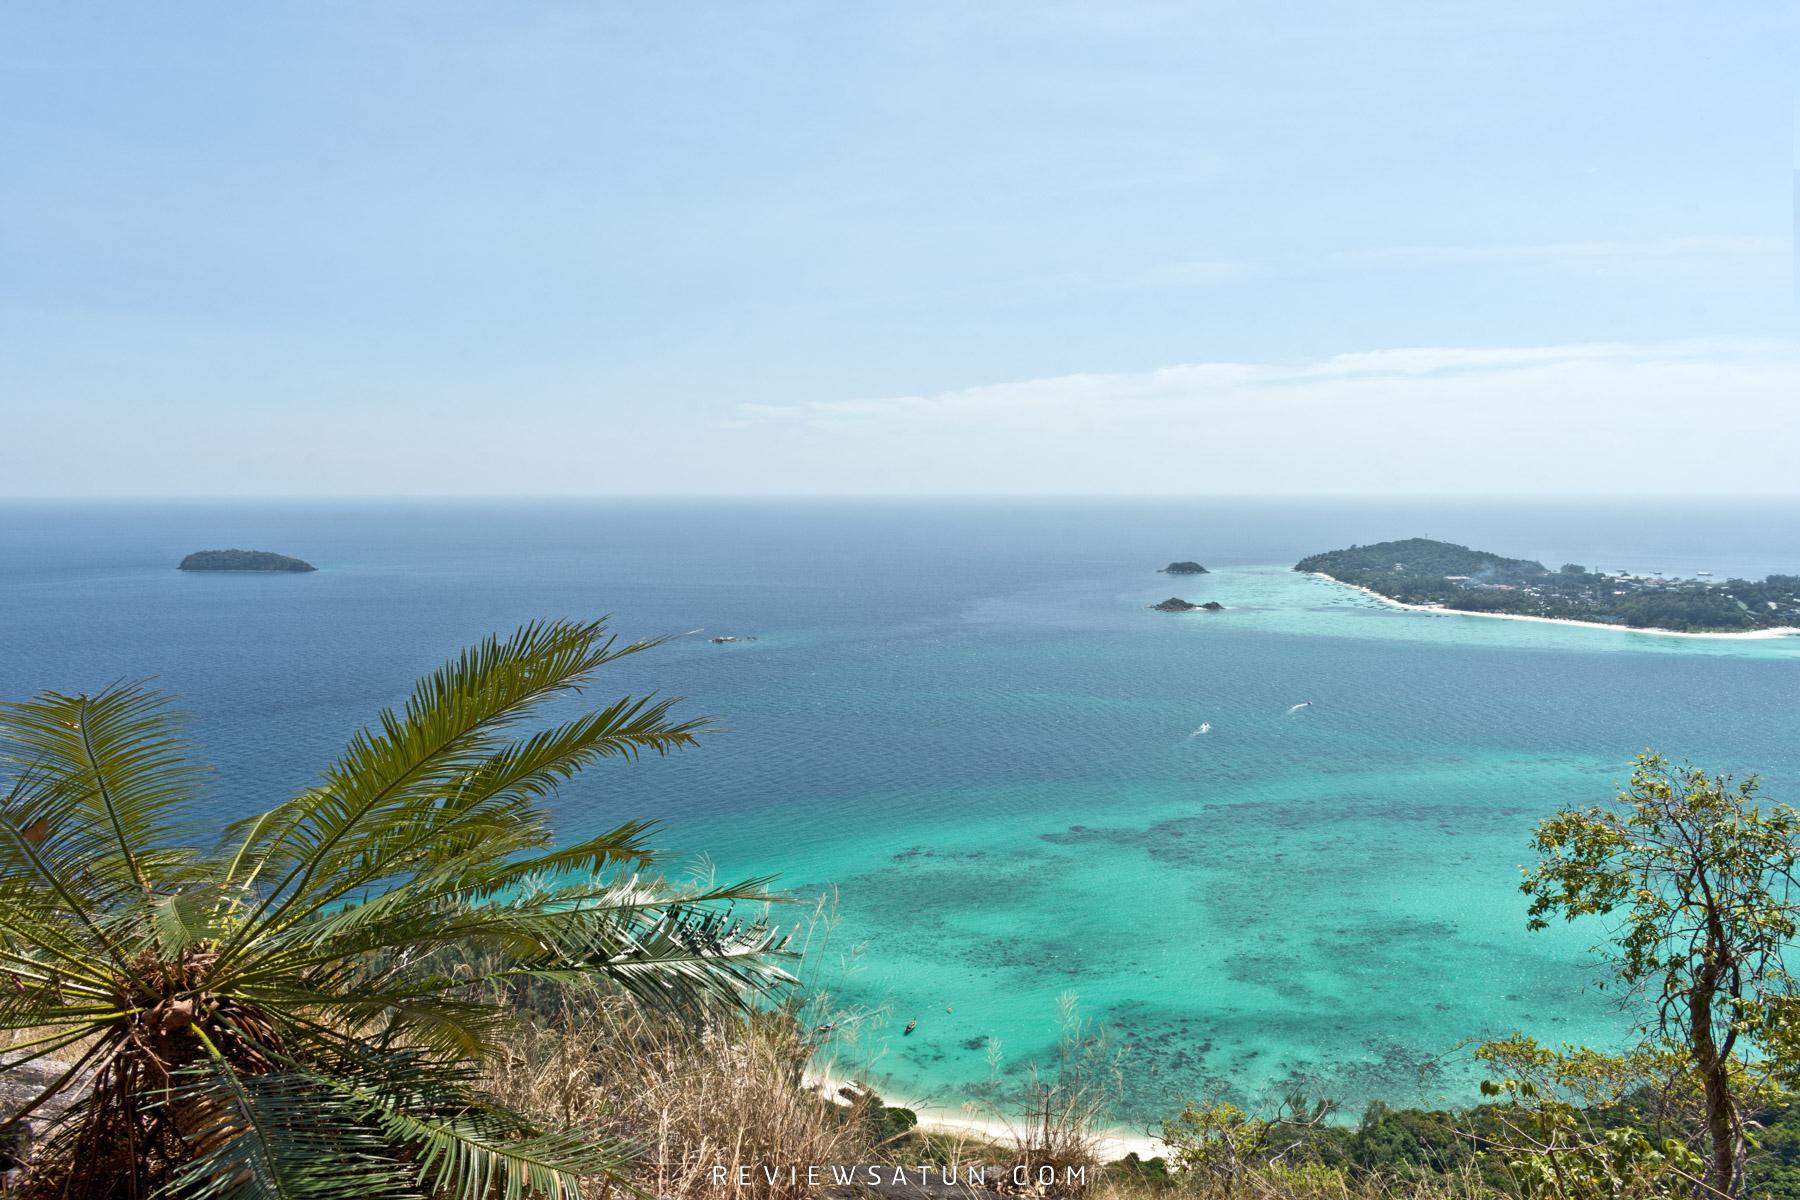 วิวสวยๆ-น้ำทะเลใสๆ เกาะตะรุเตา,สตูล,หลีเป๊ะ,จุดเช็คอิน